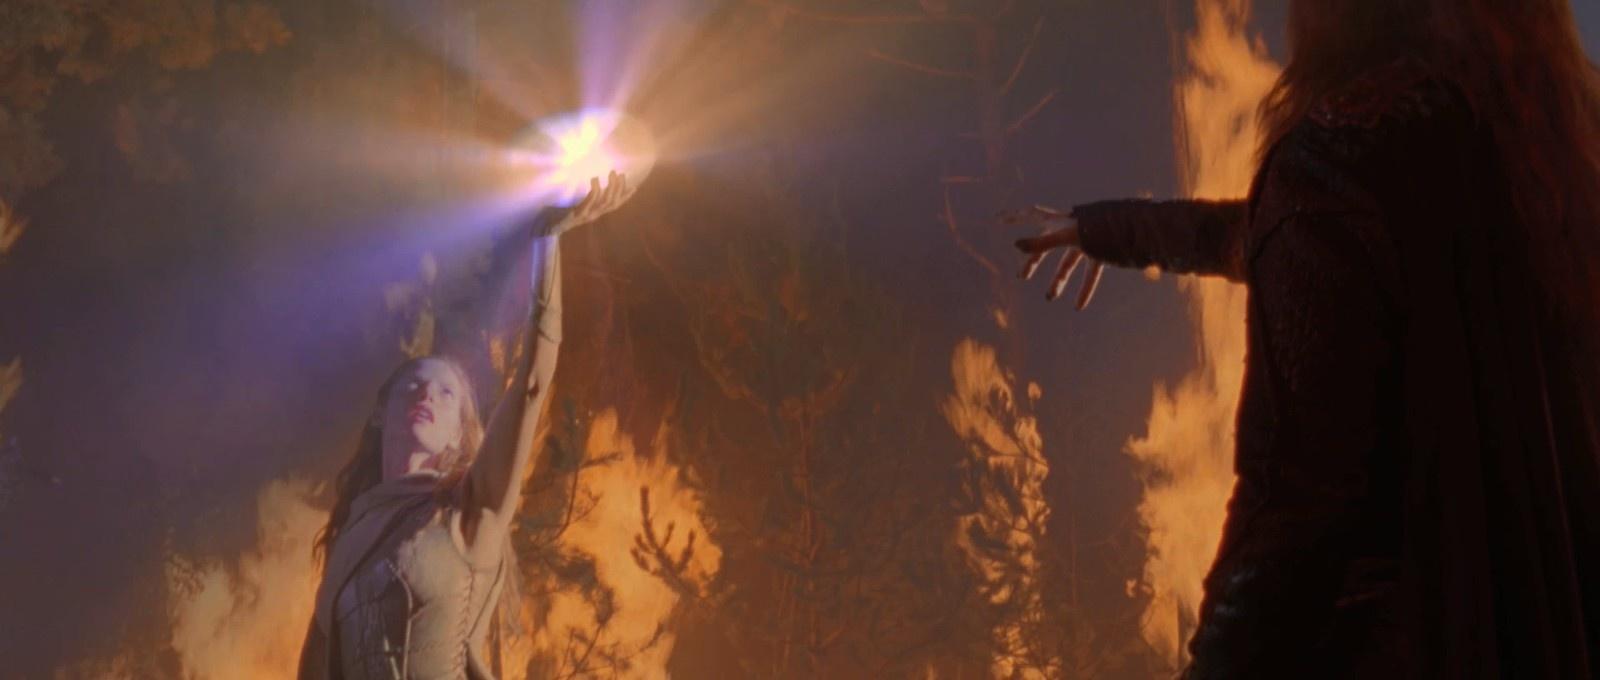 Galerie Eragon 4